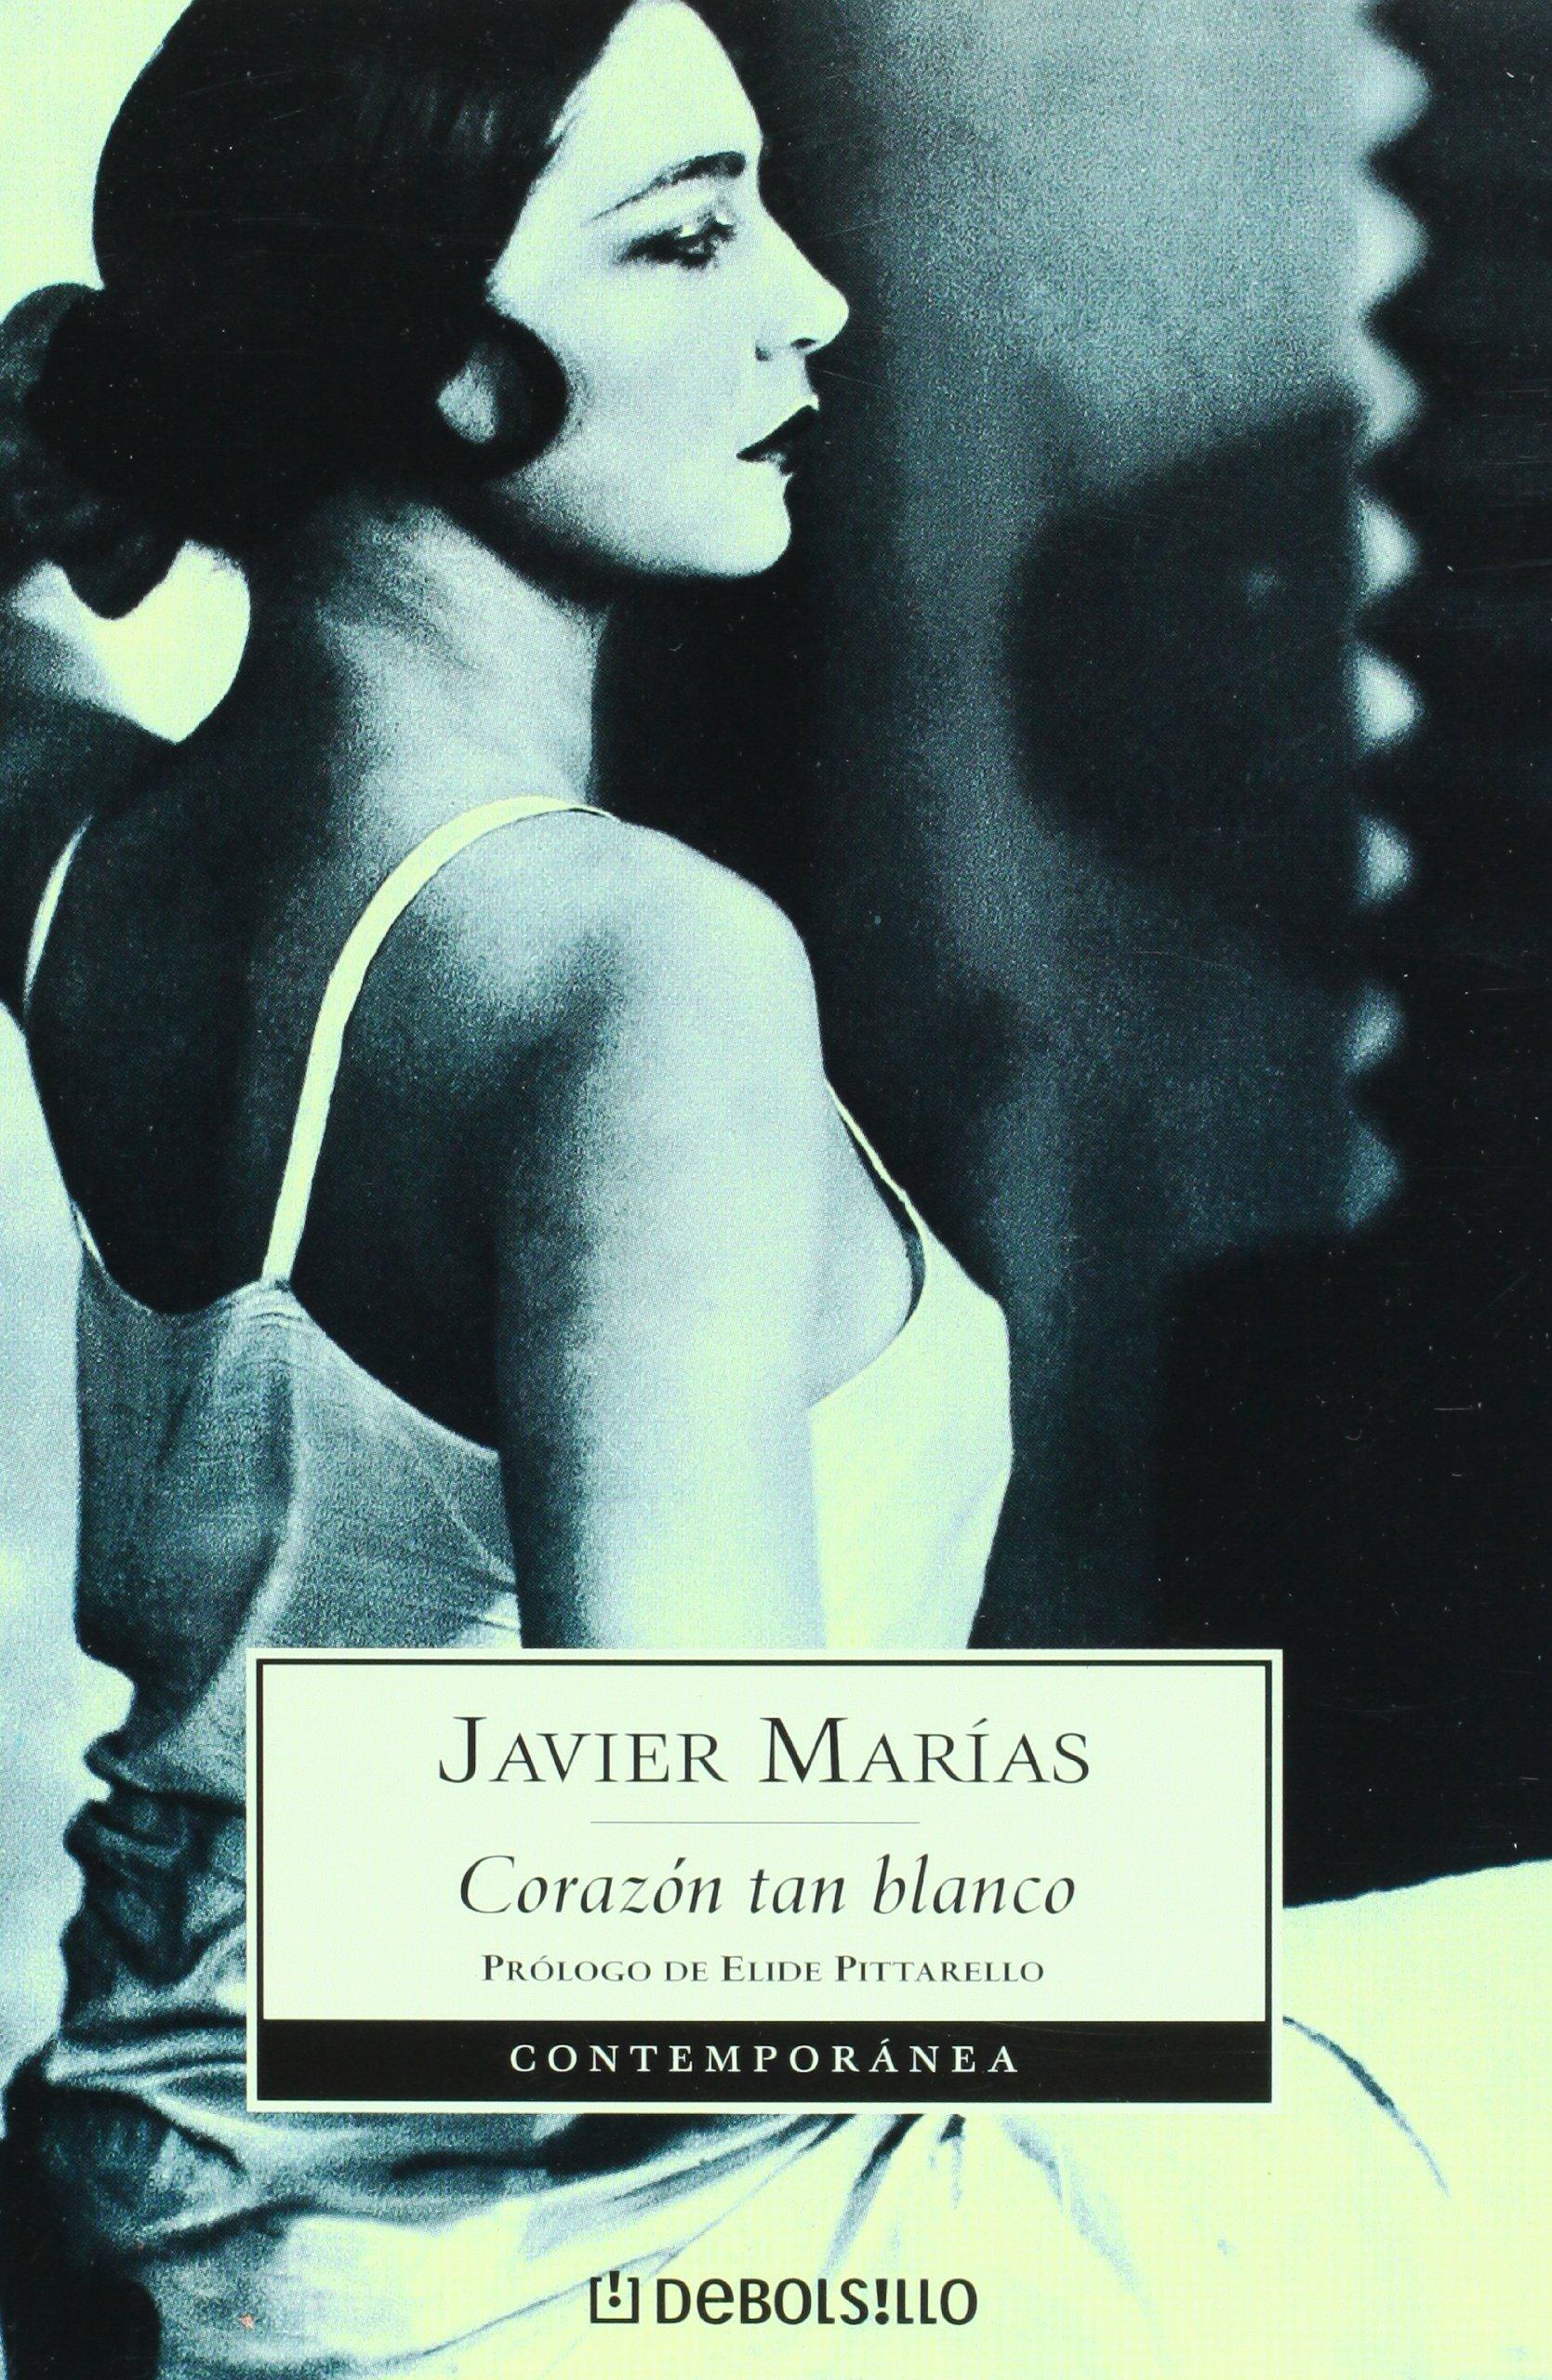 Javier marias 5